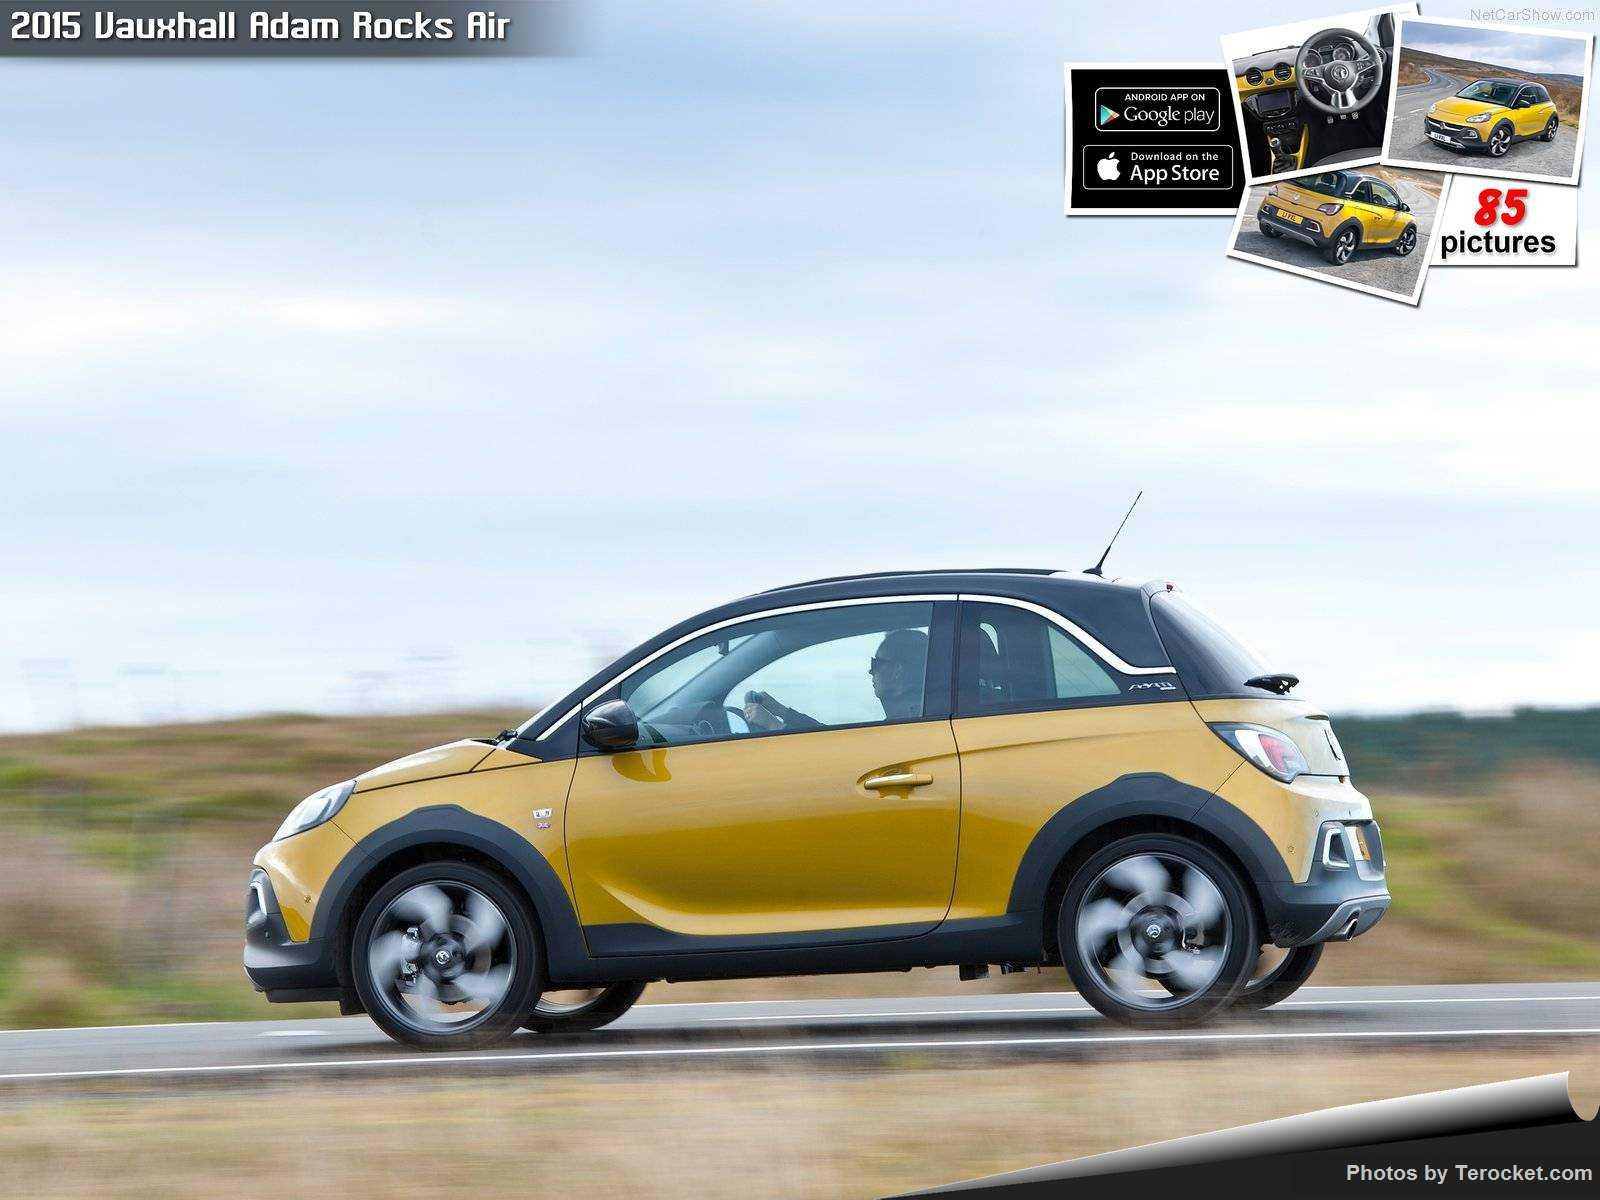 Hình ảnh xe ô tô Vauxhall Adam Rocks Air 2015 & nội ngoại thất